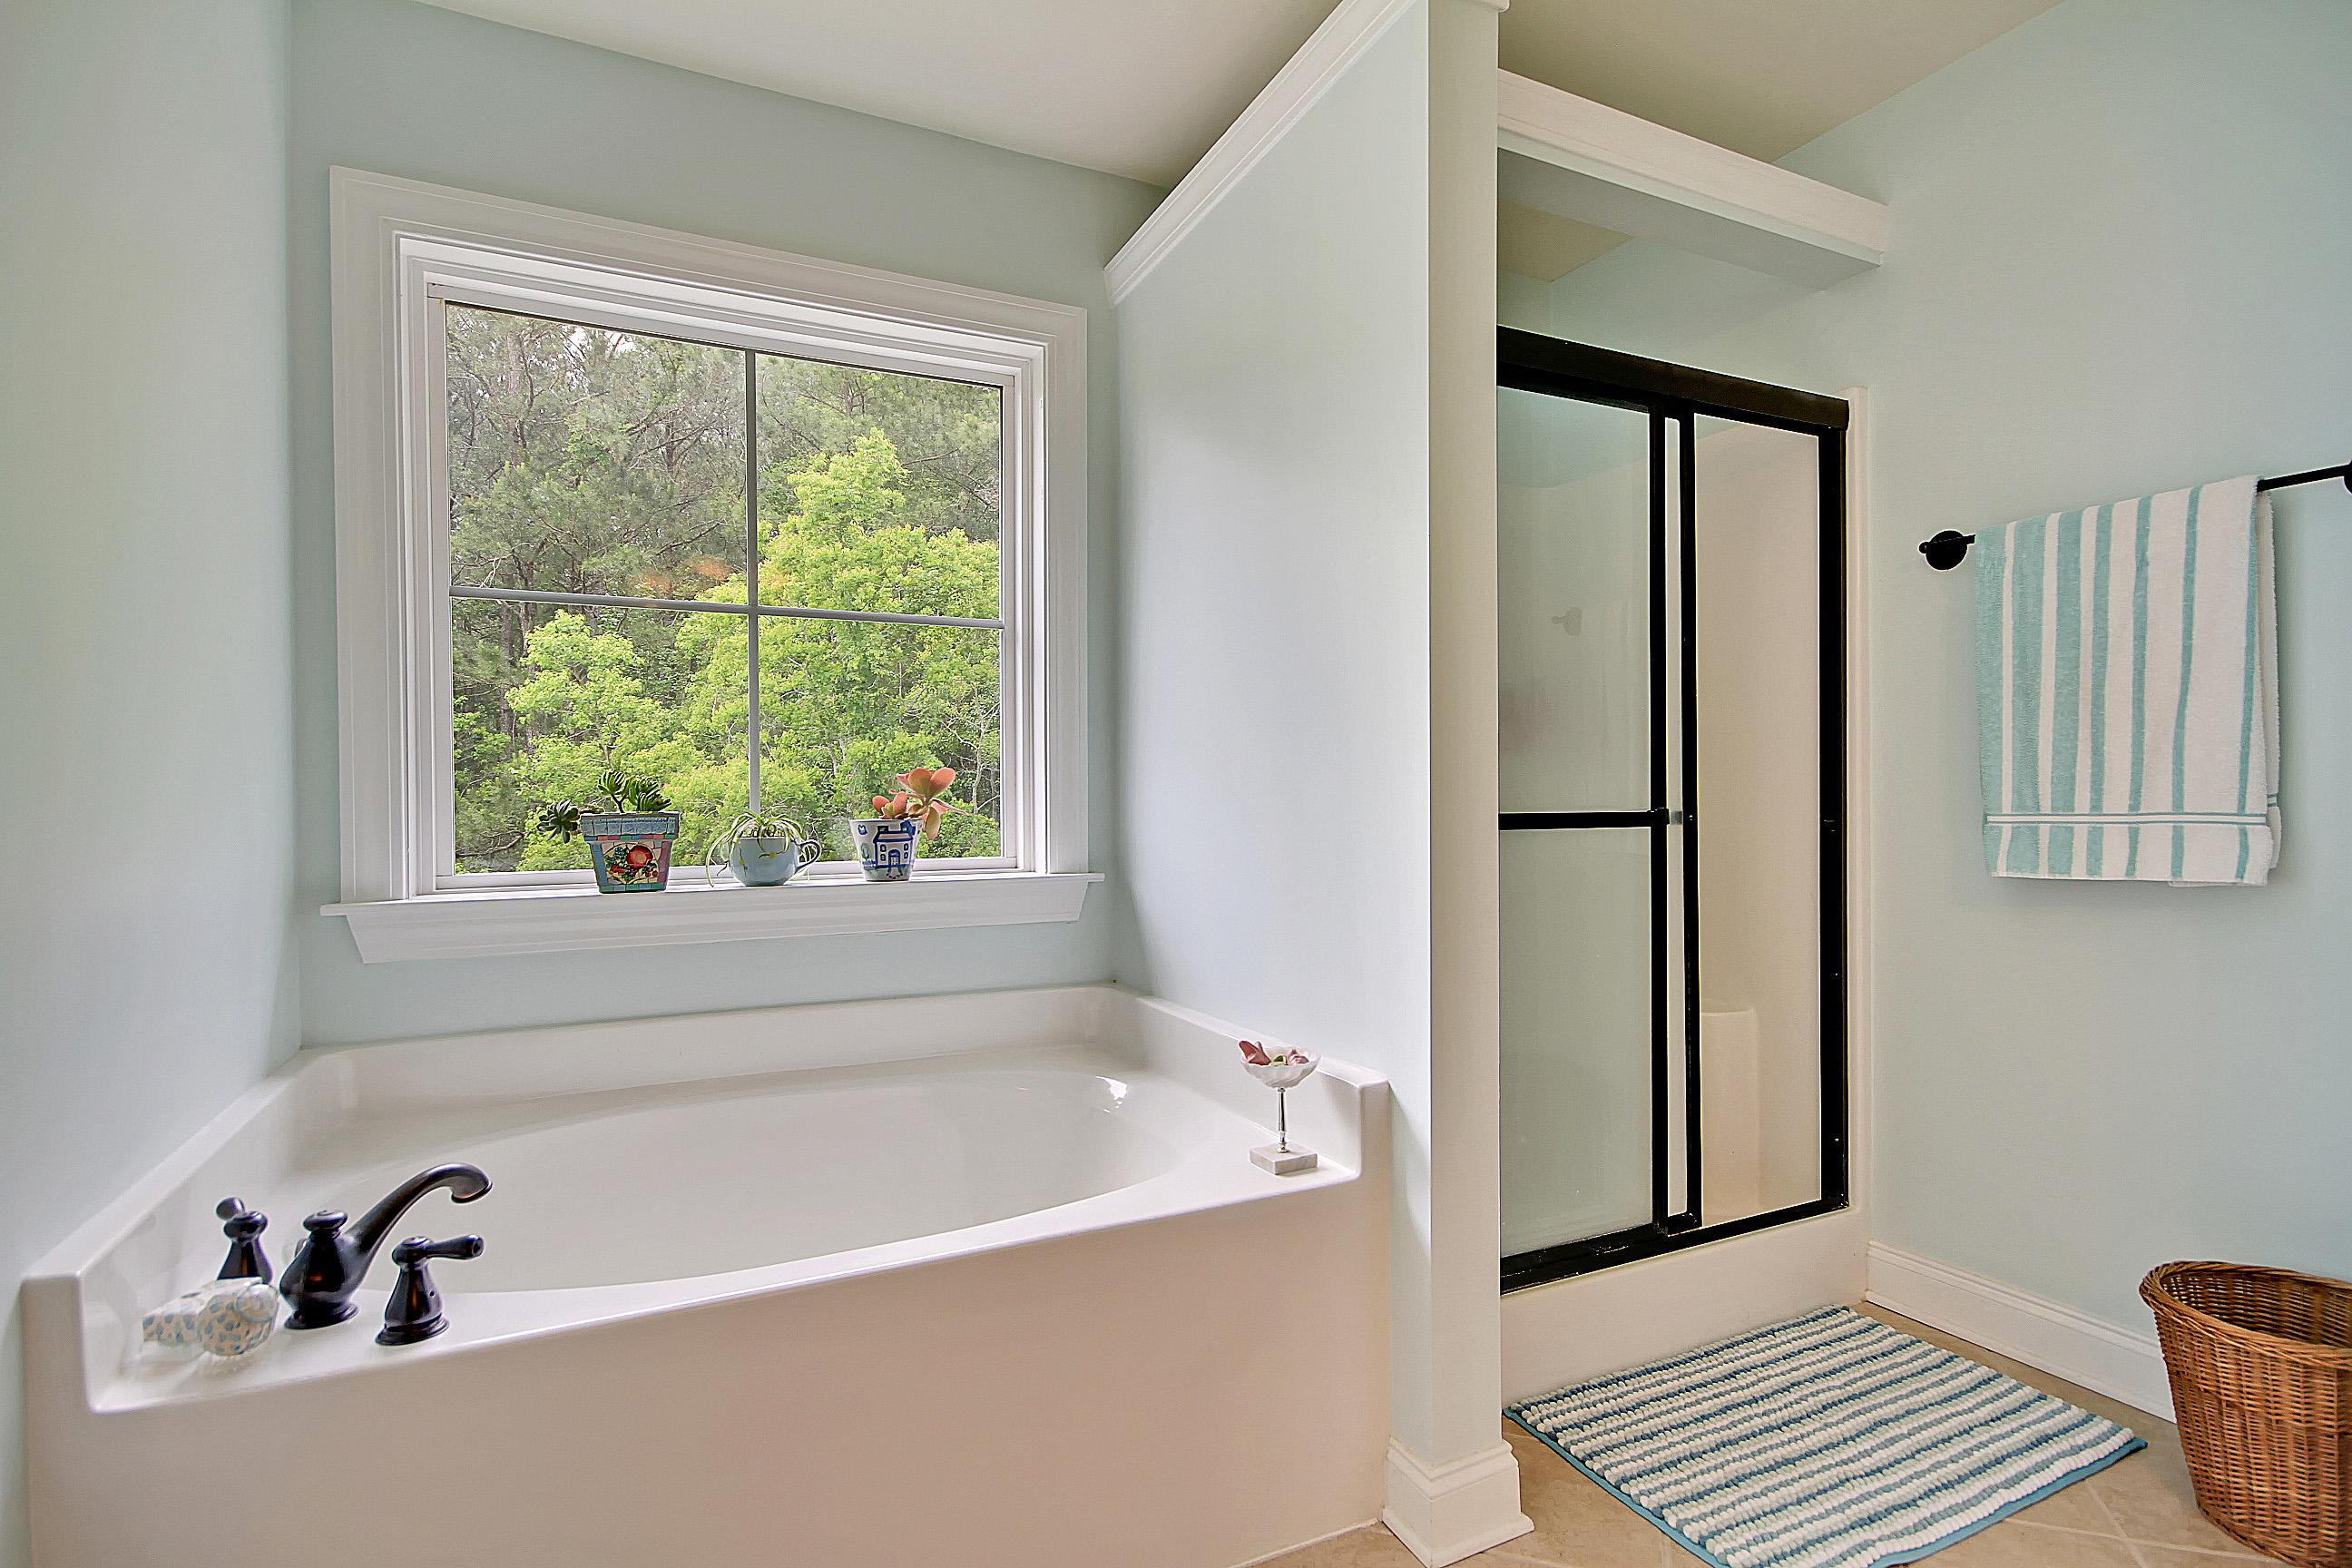 Park West Homes For Sale - 3624 Bagley, Mount Pleasant, SC - 19